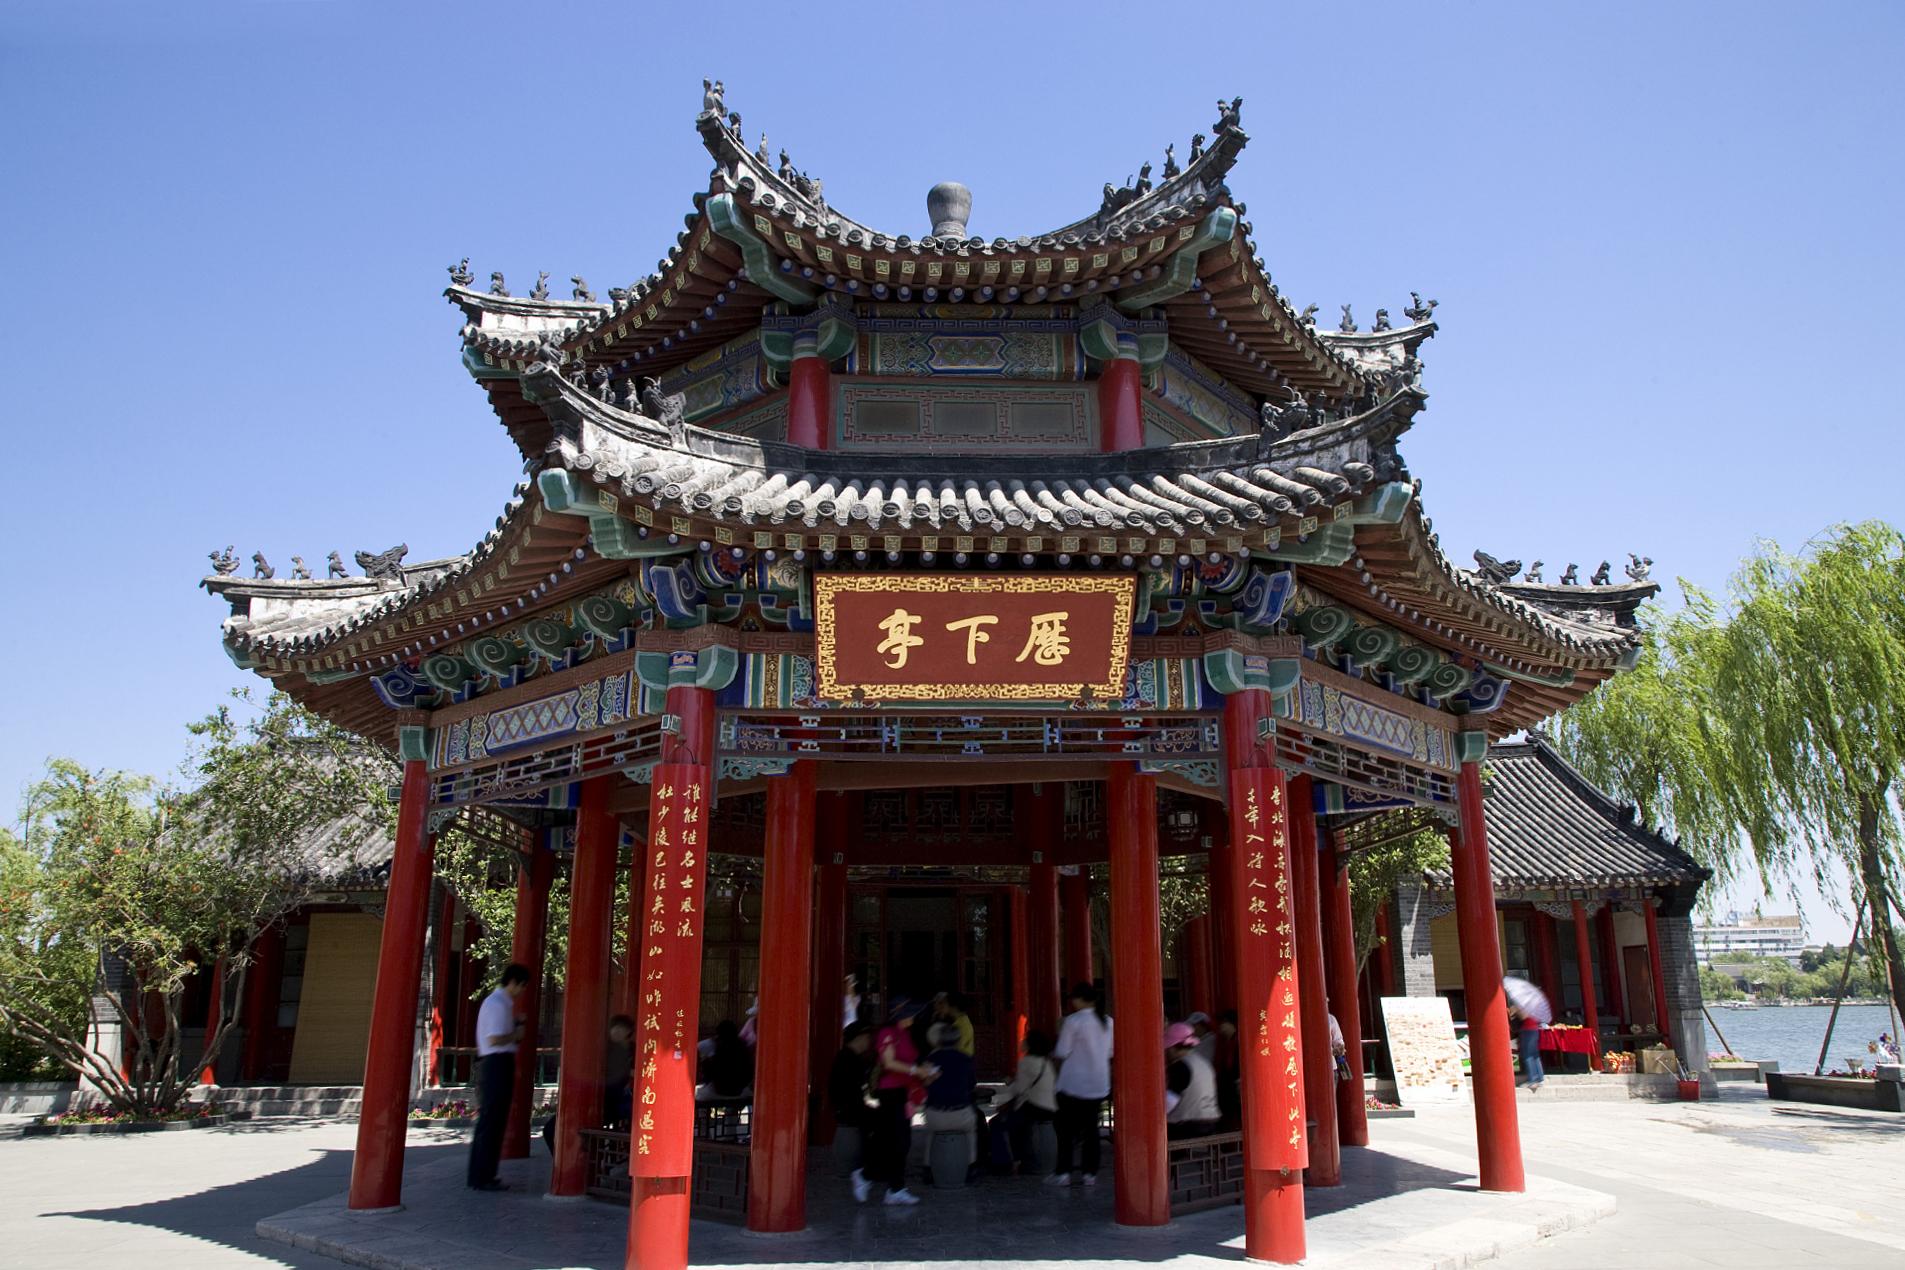 济南动物园,泉城广场,大明湖,芙蓉街巴士1日跟团游